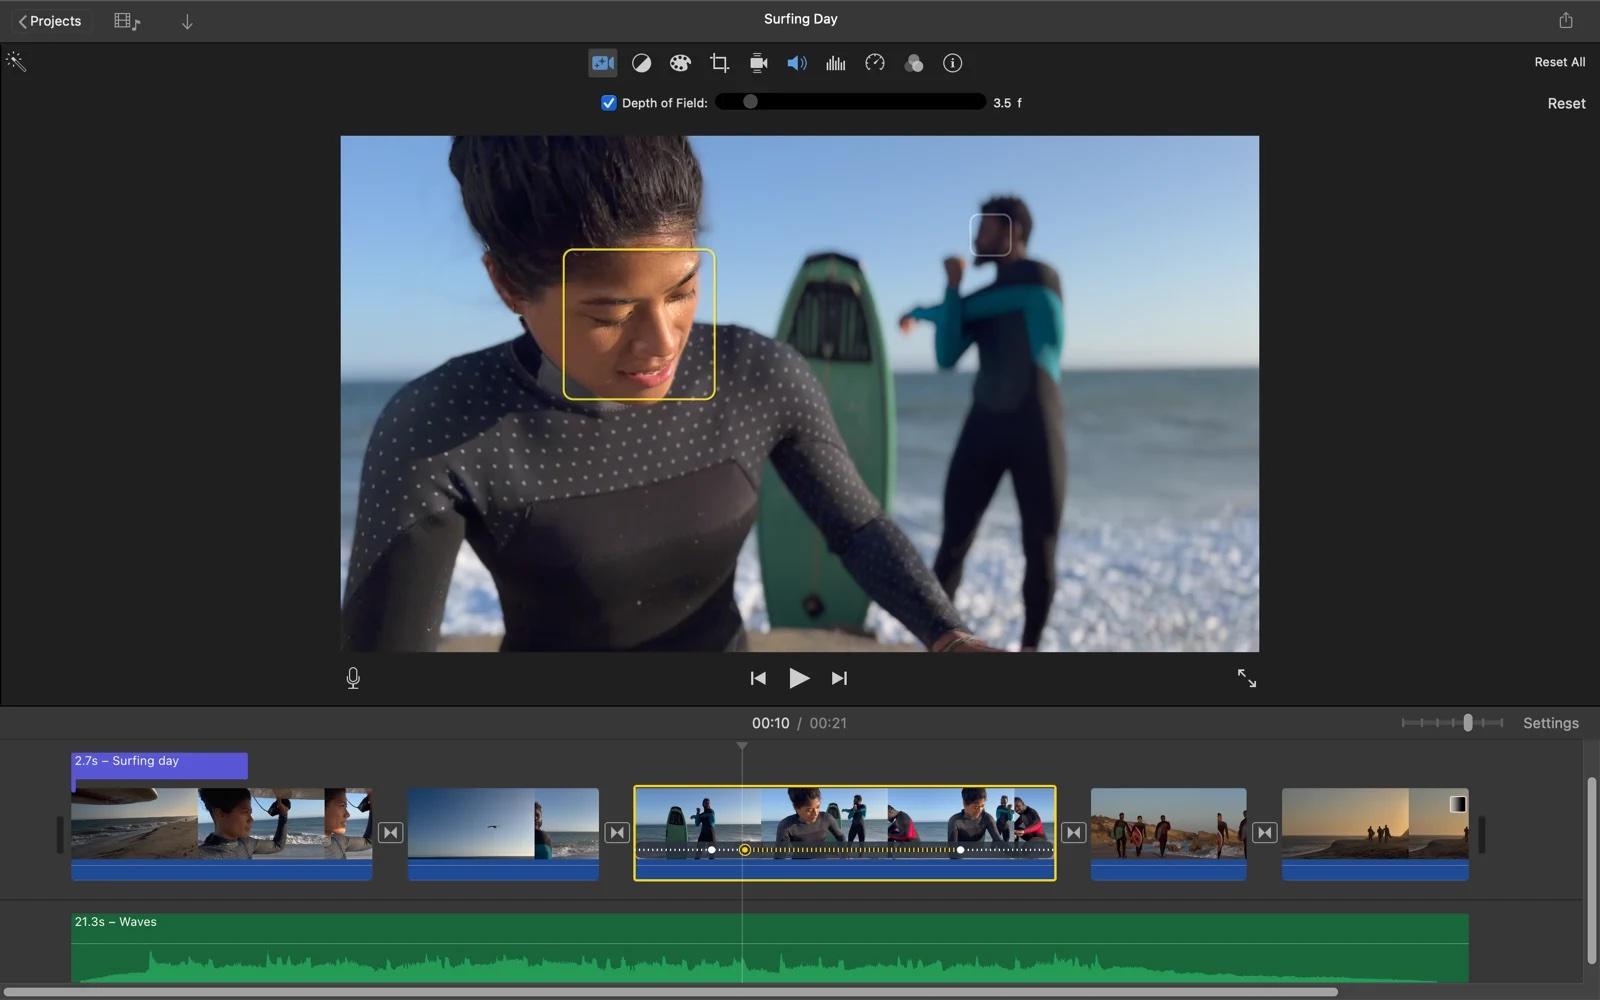 Приложение iMovie для Mac теперь позволяет редактировать видеоролики с киноэффектом, снятые на iPhone 13